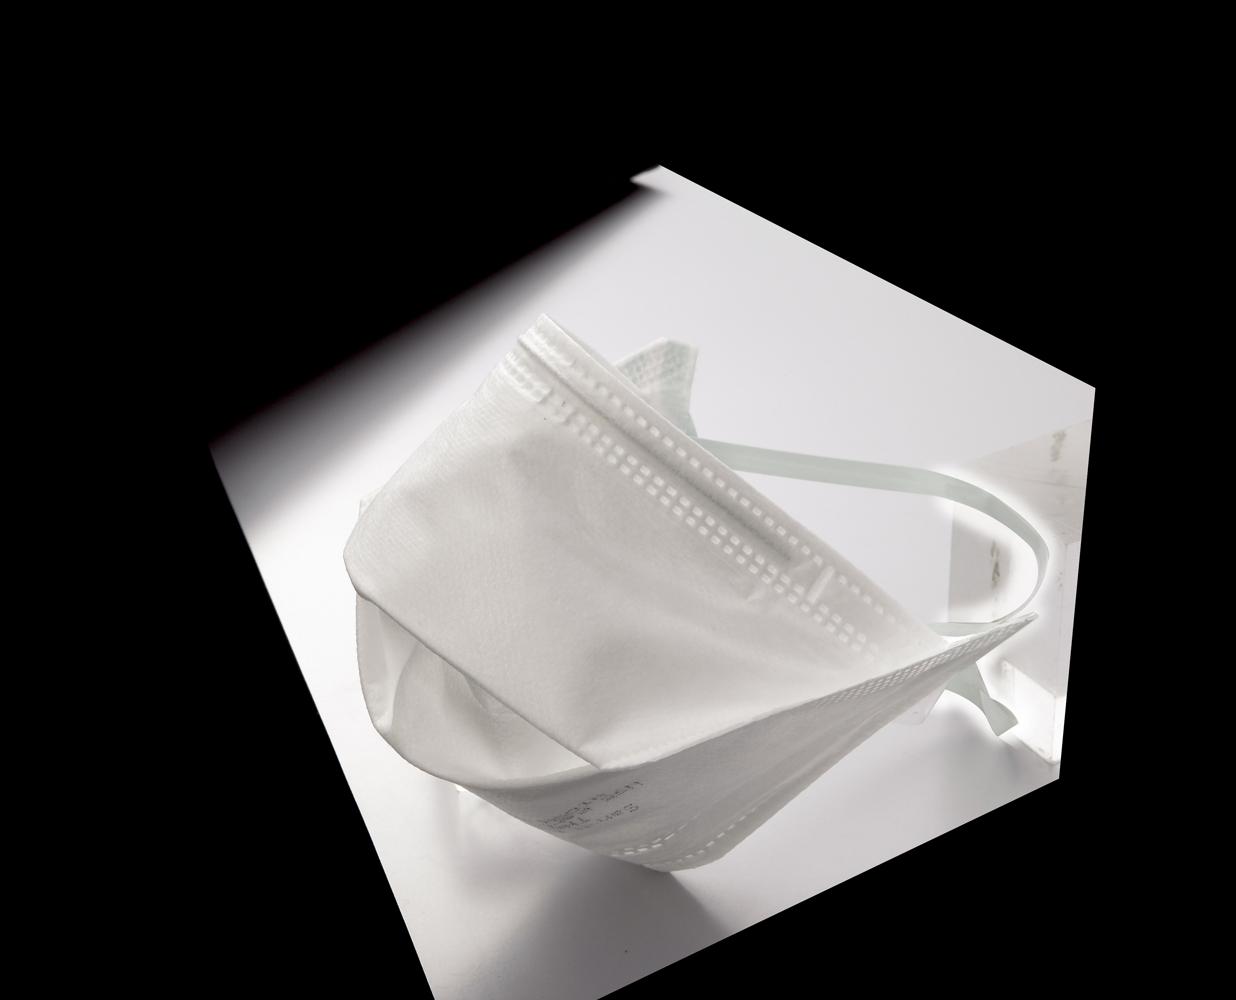 N95マスク 弁なしタイプ(20枚入)